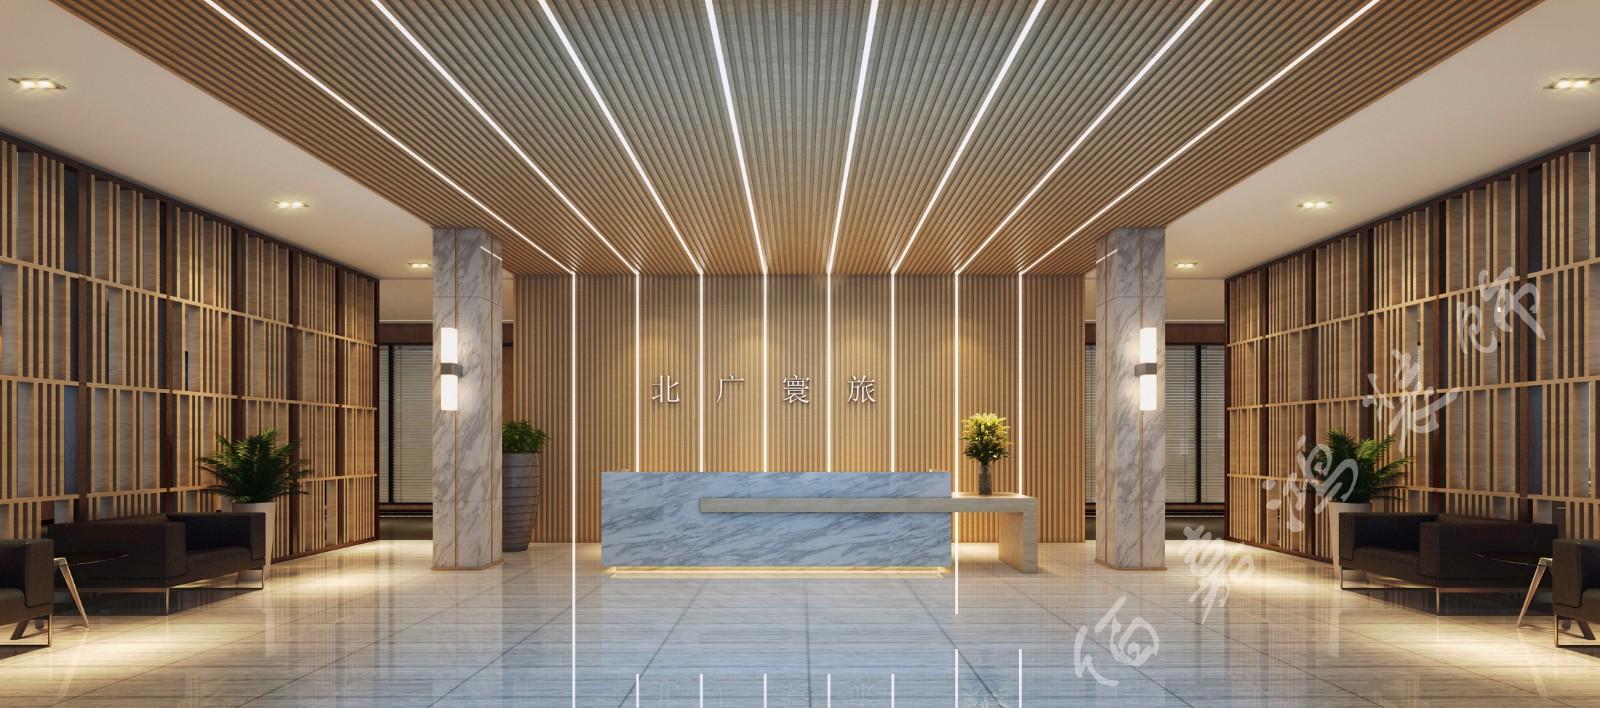 北京北广寰旅写字楼装修